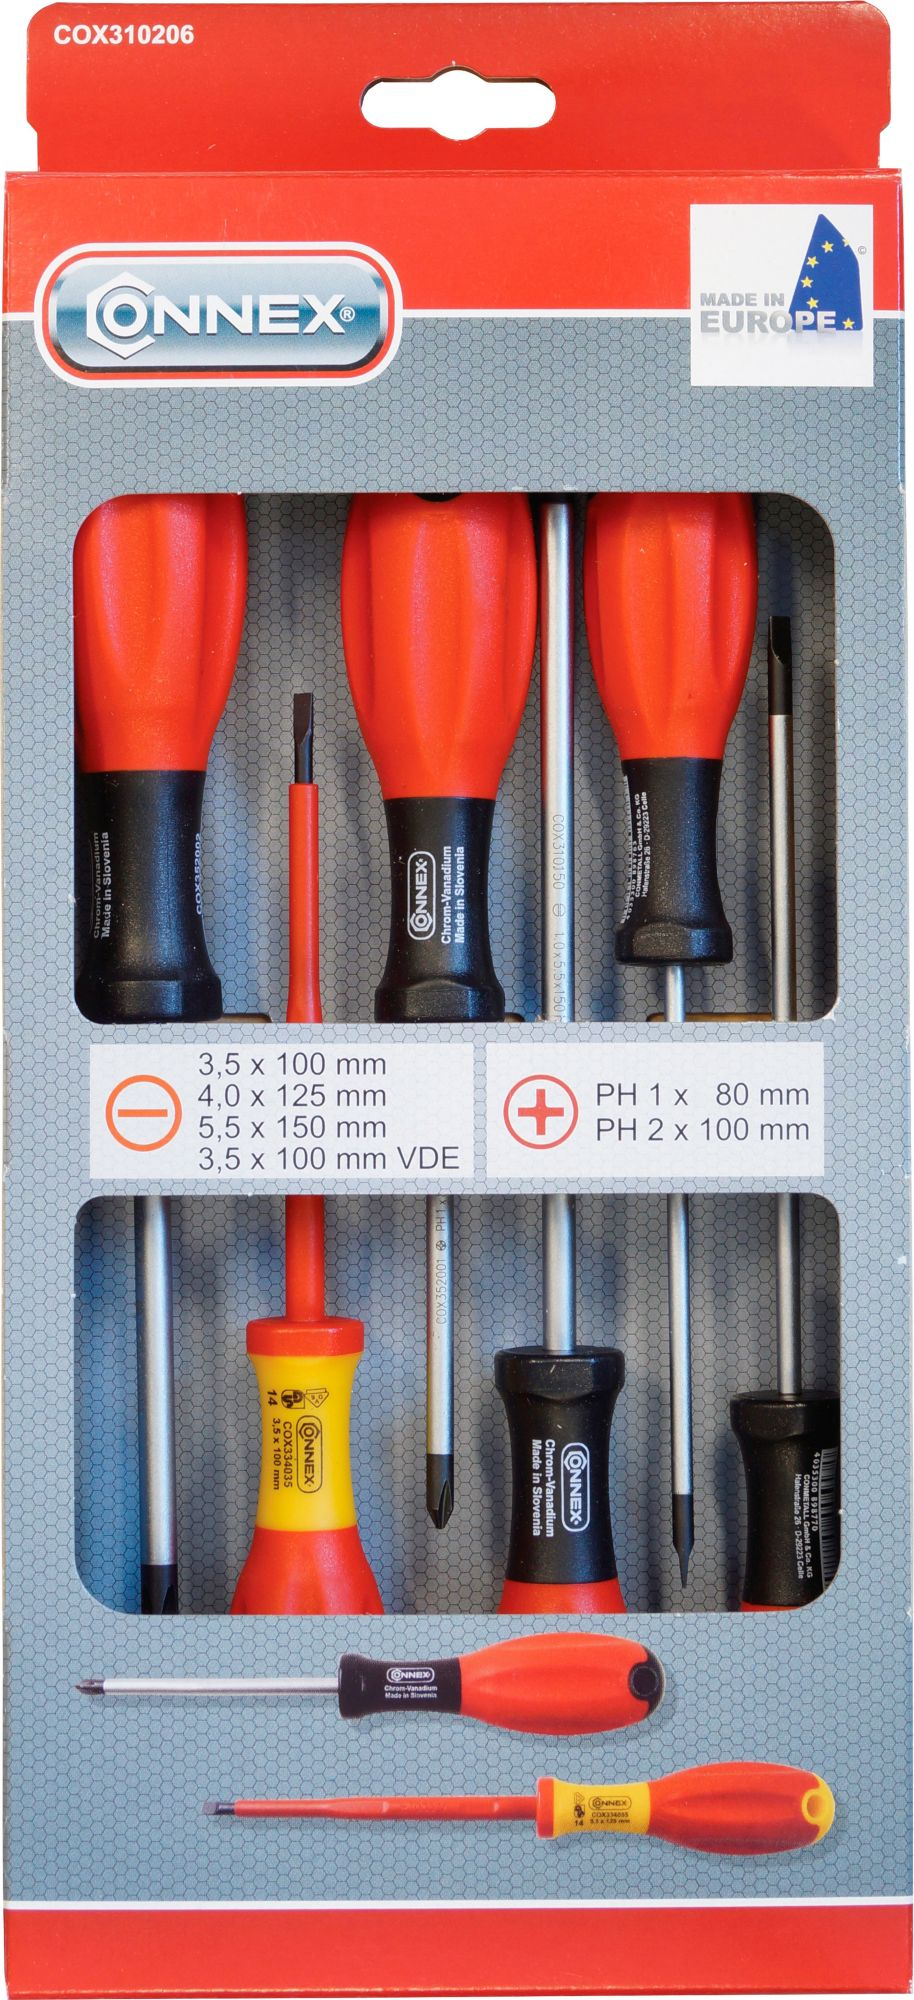 CONNEX Connex Schraubendrehersatz »COX310206«, 6-tlg, sortiert